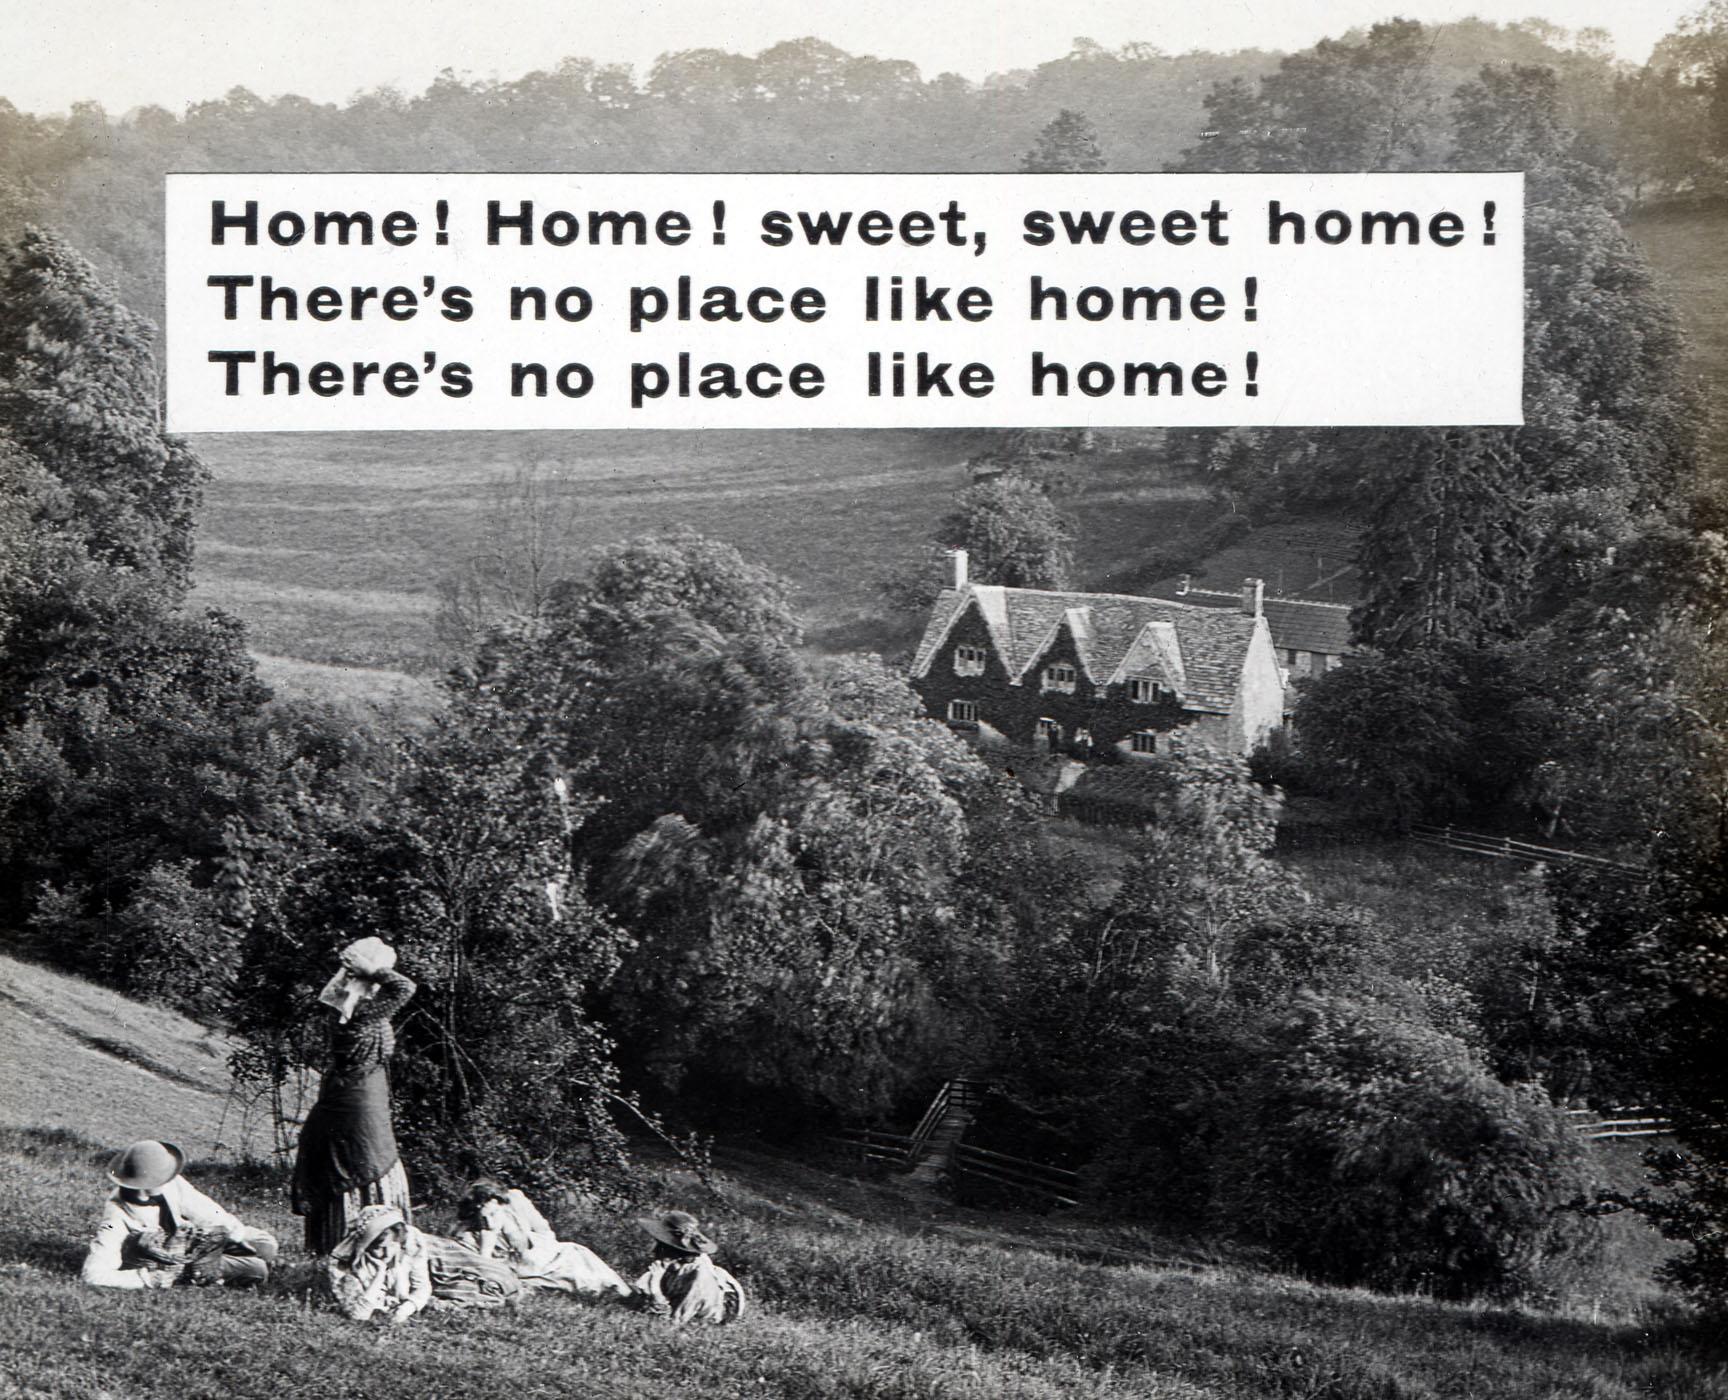 Hymn Home sweet home